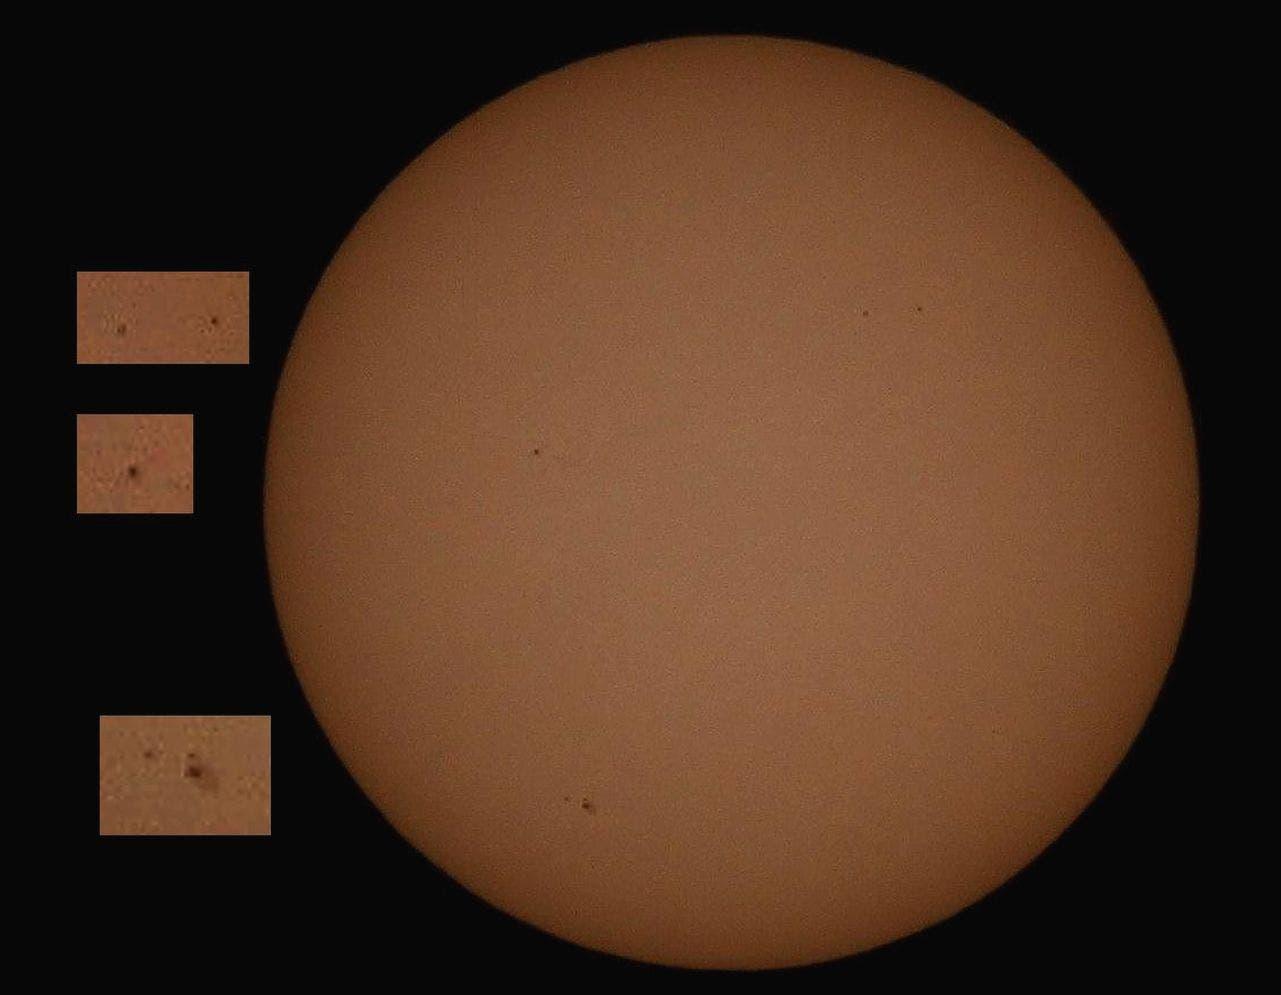 Sonne mit drei Fleckengruppen